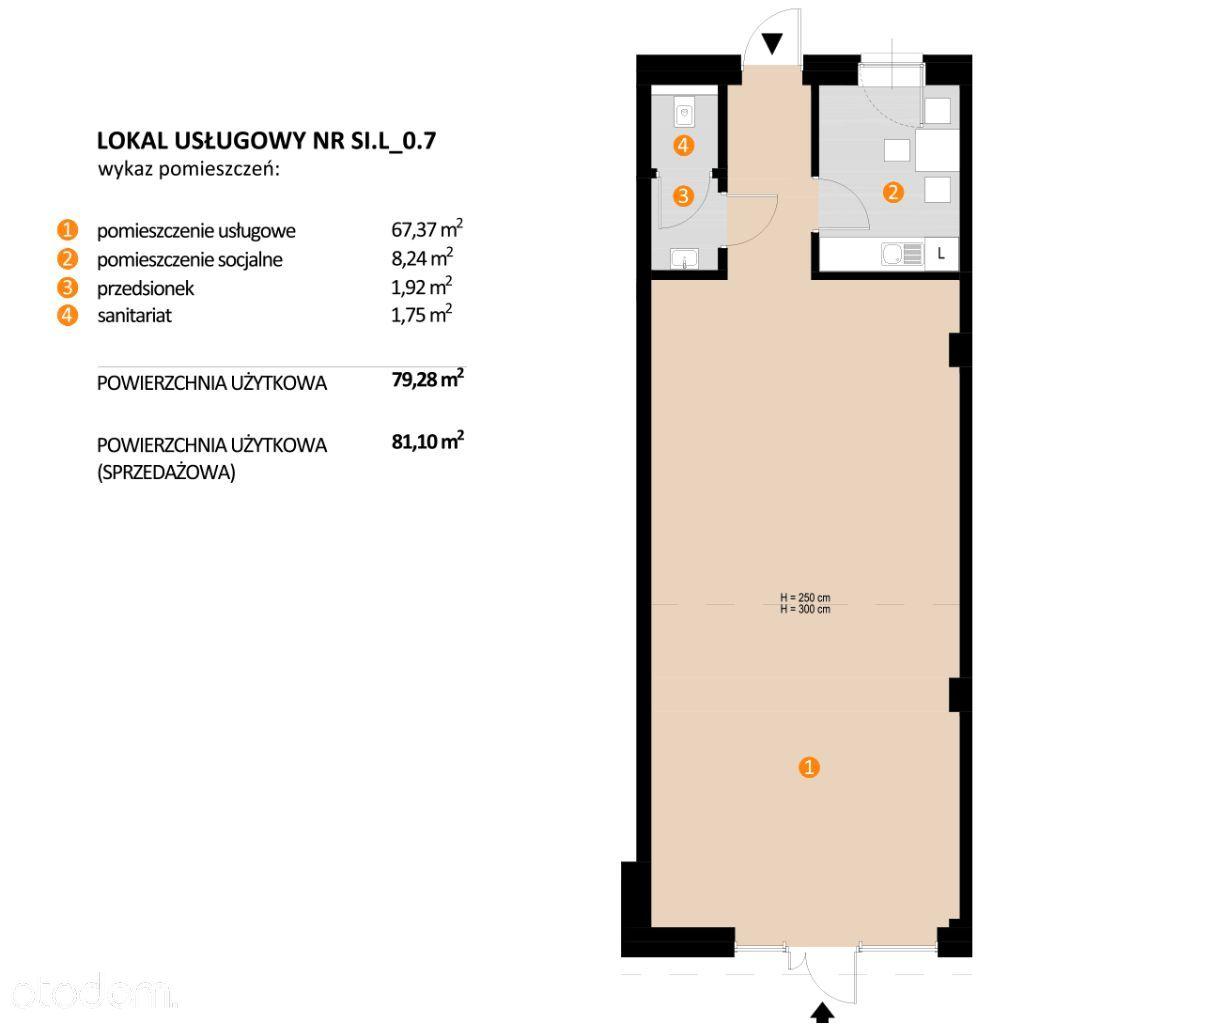 Lokal usługowy - 80,10 m2 - centrum starego miasta